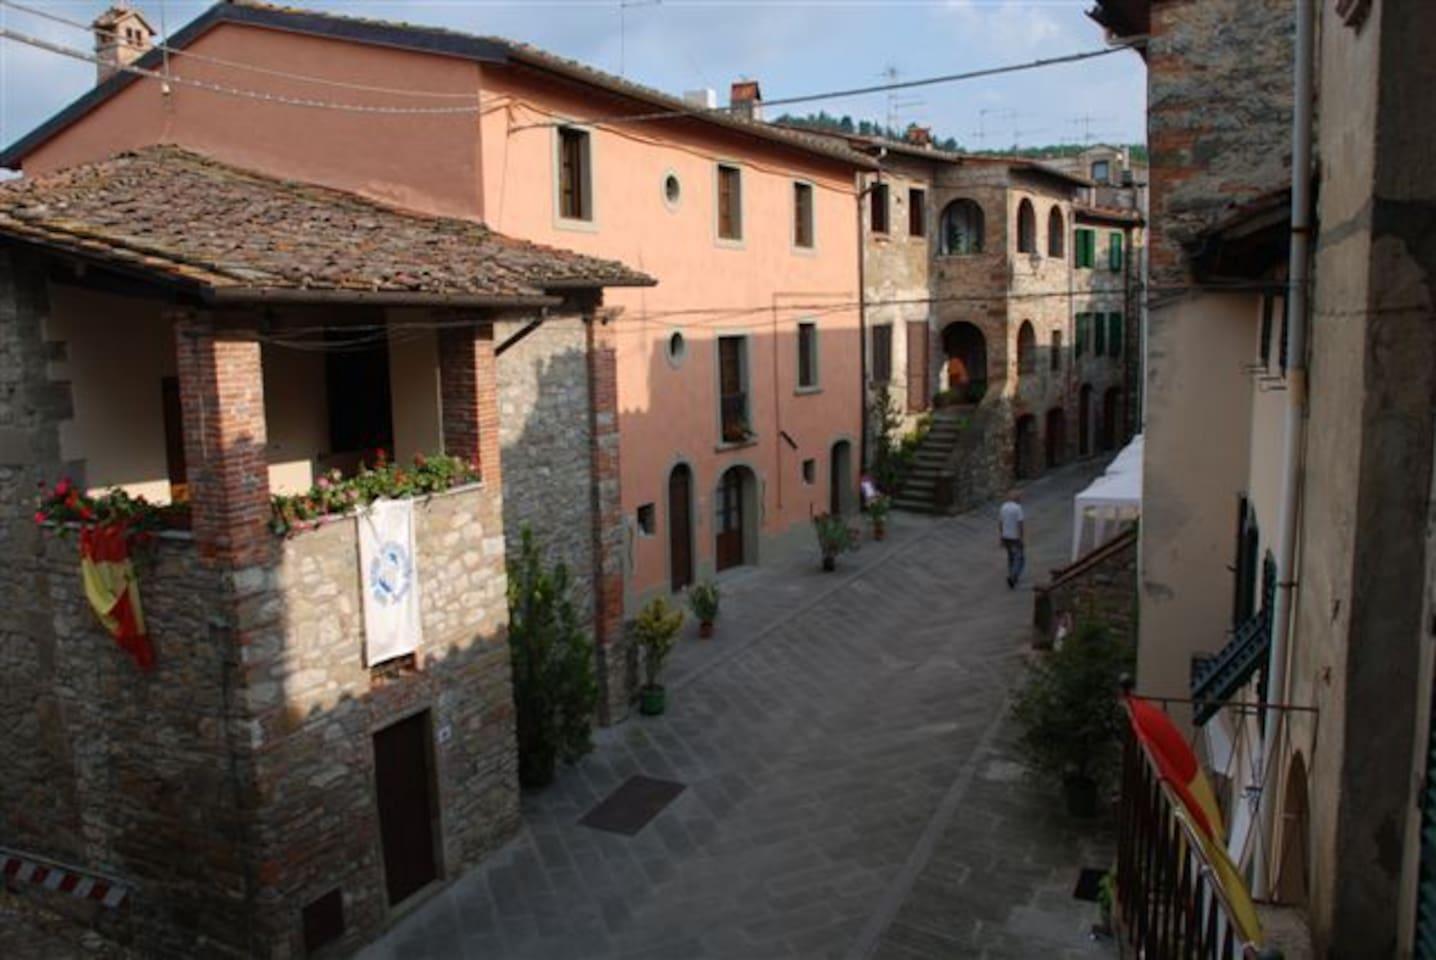 Facciata principale è quella dipinta in rosa al centro del borgo medievale del 1500